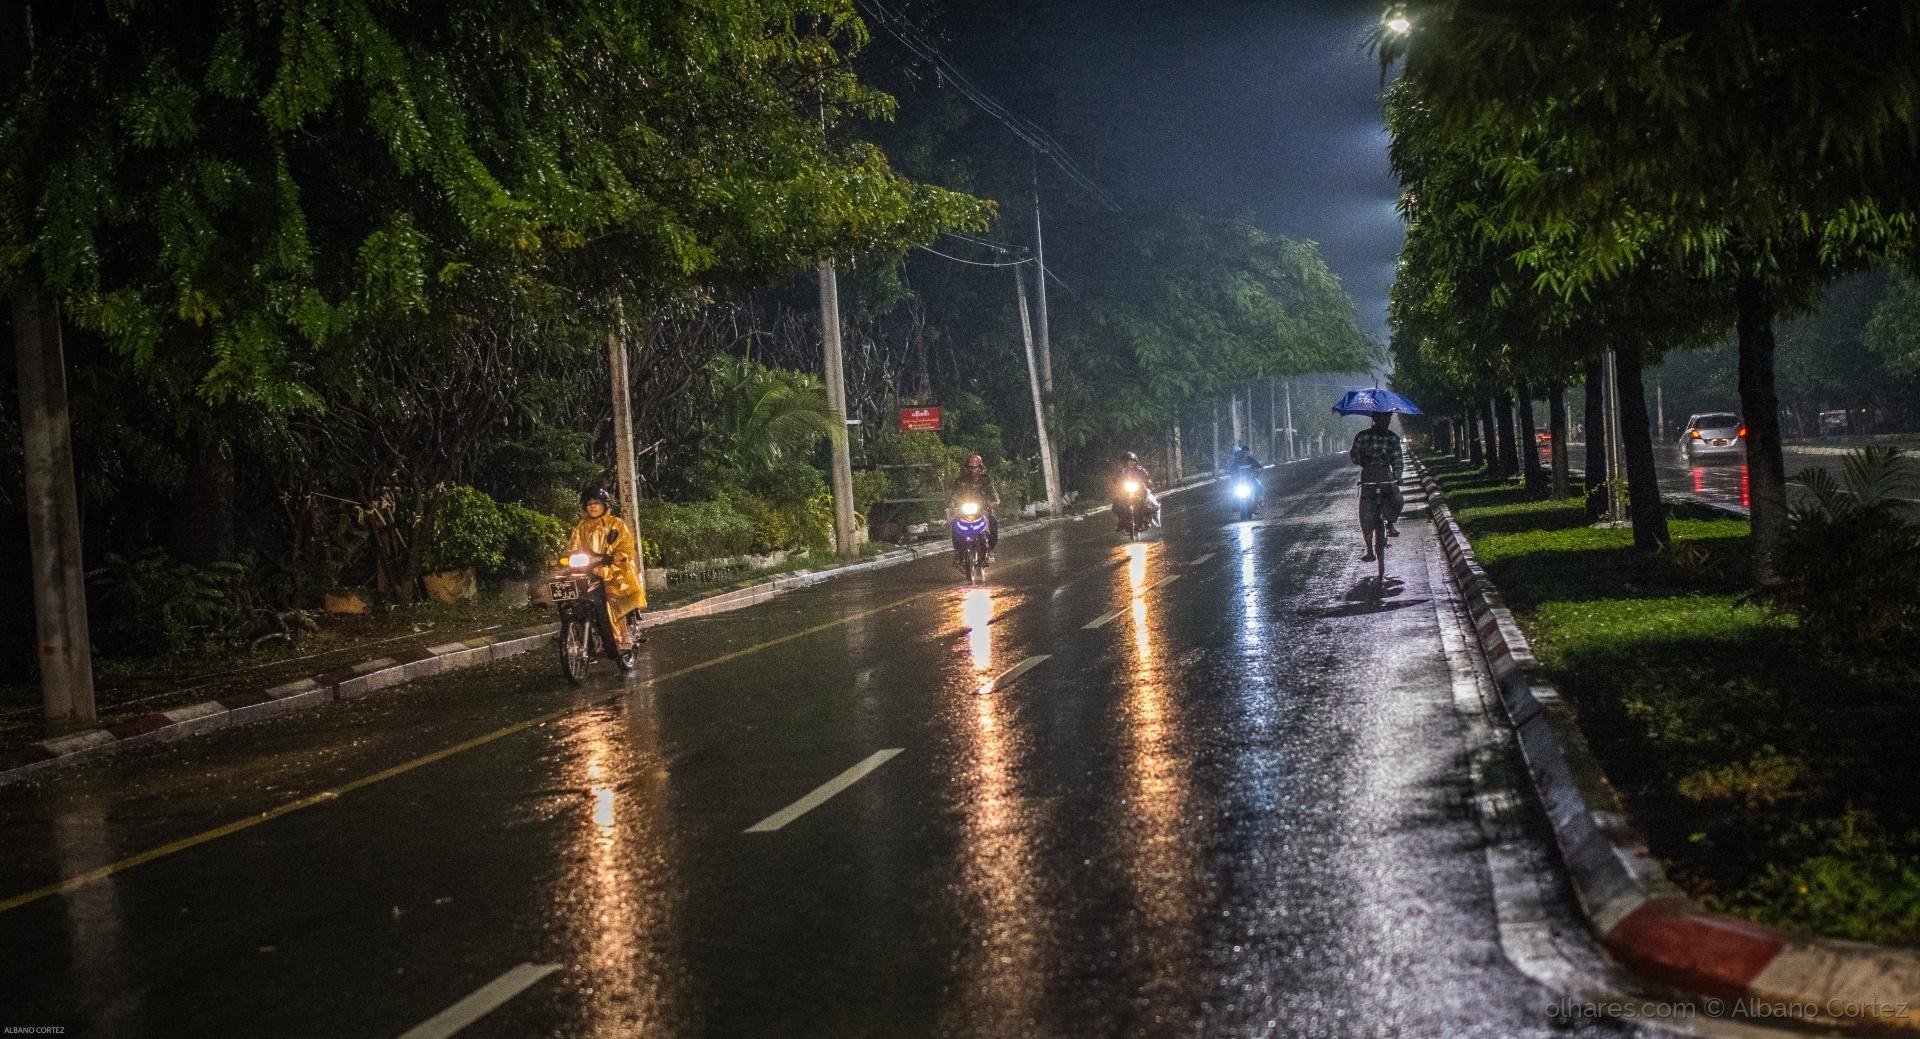 Paisagem Urbana/Rainy days.